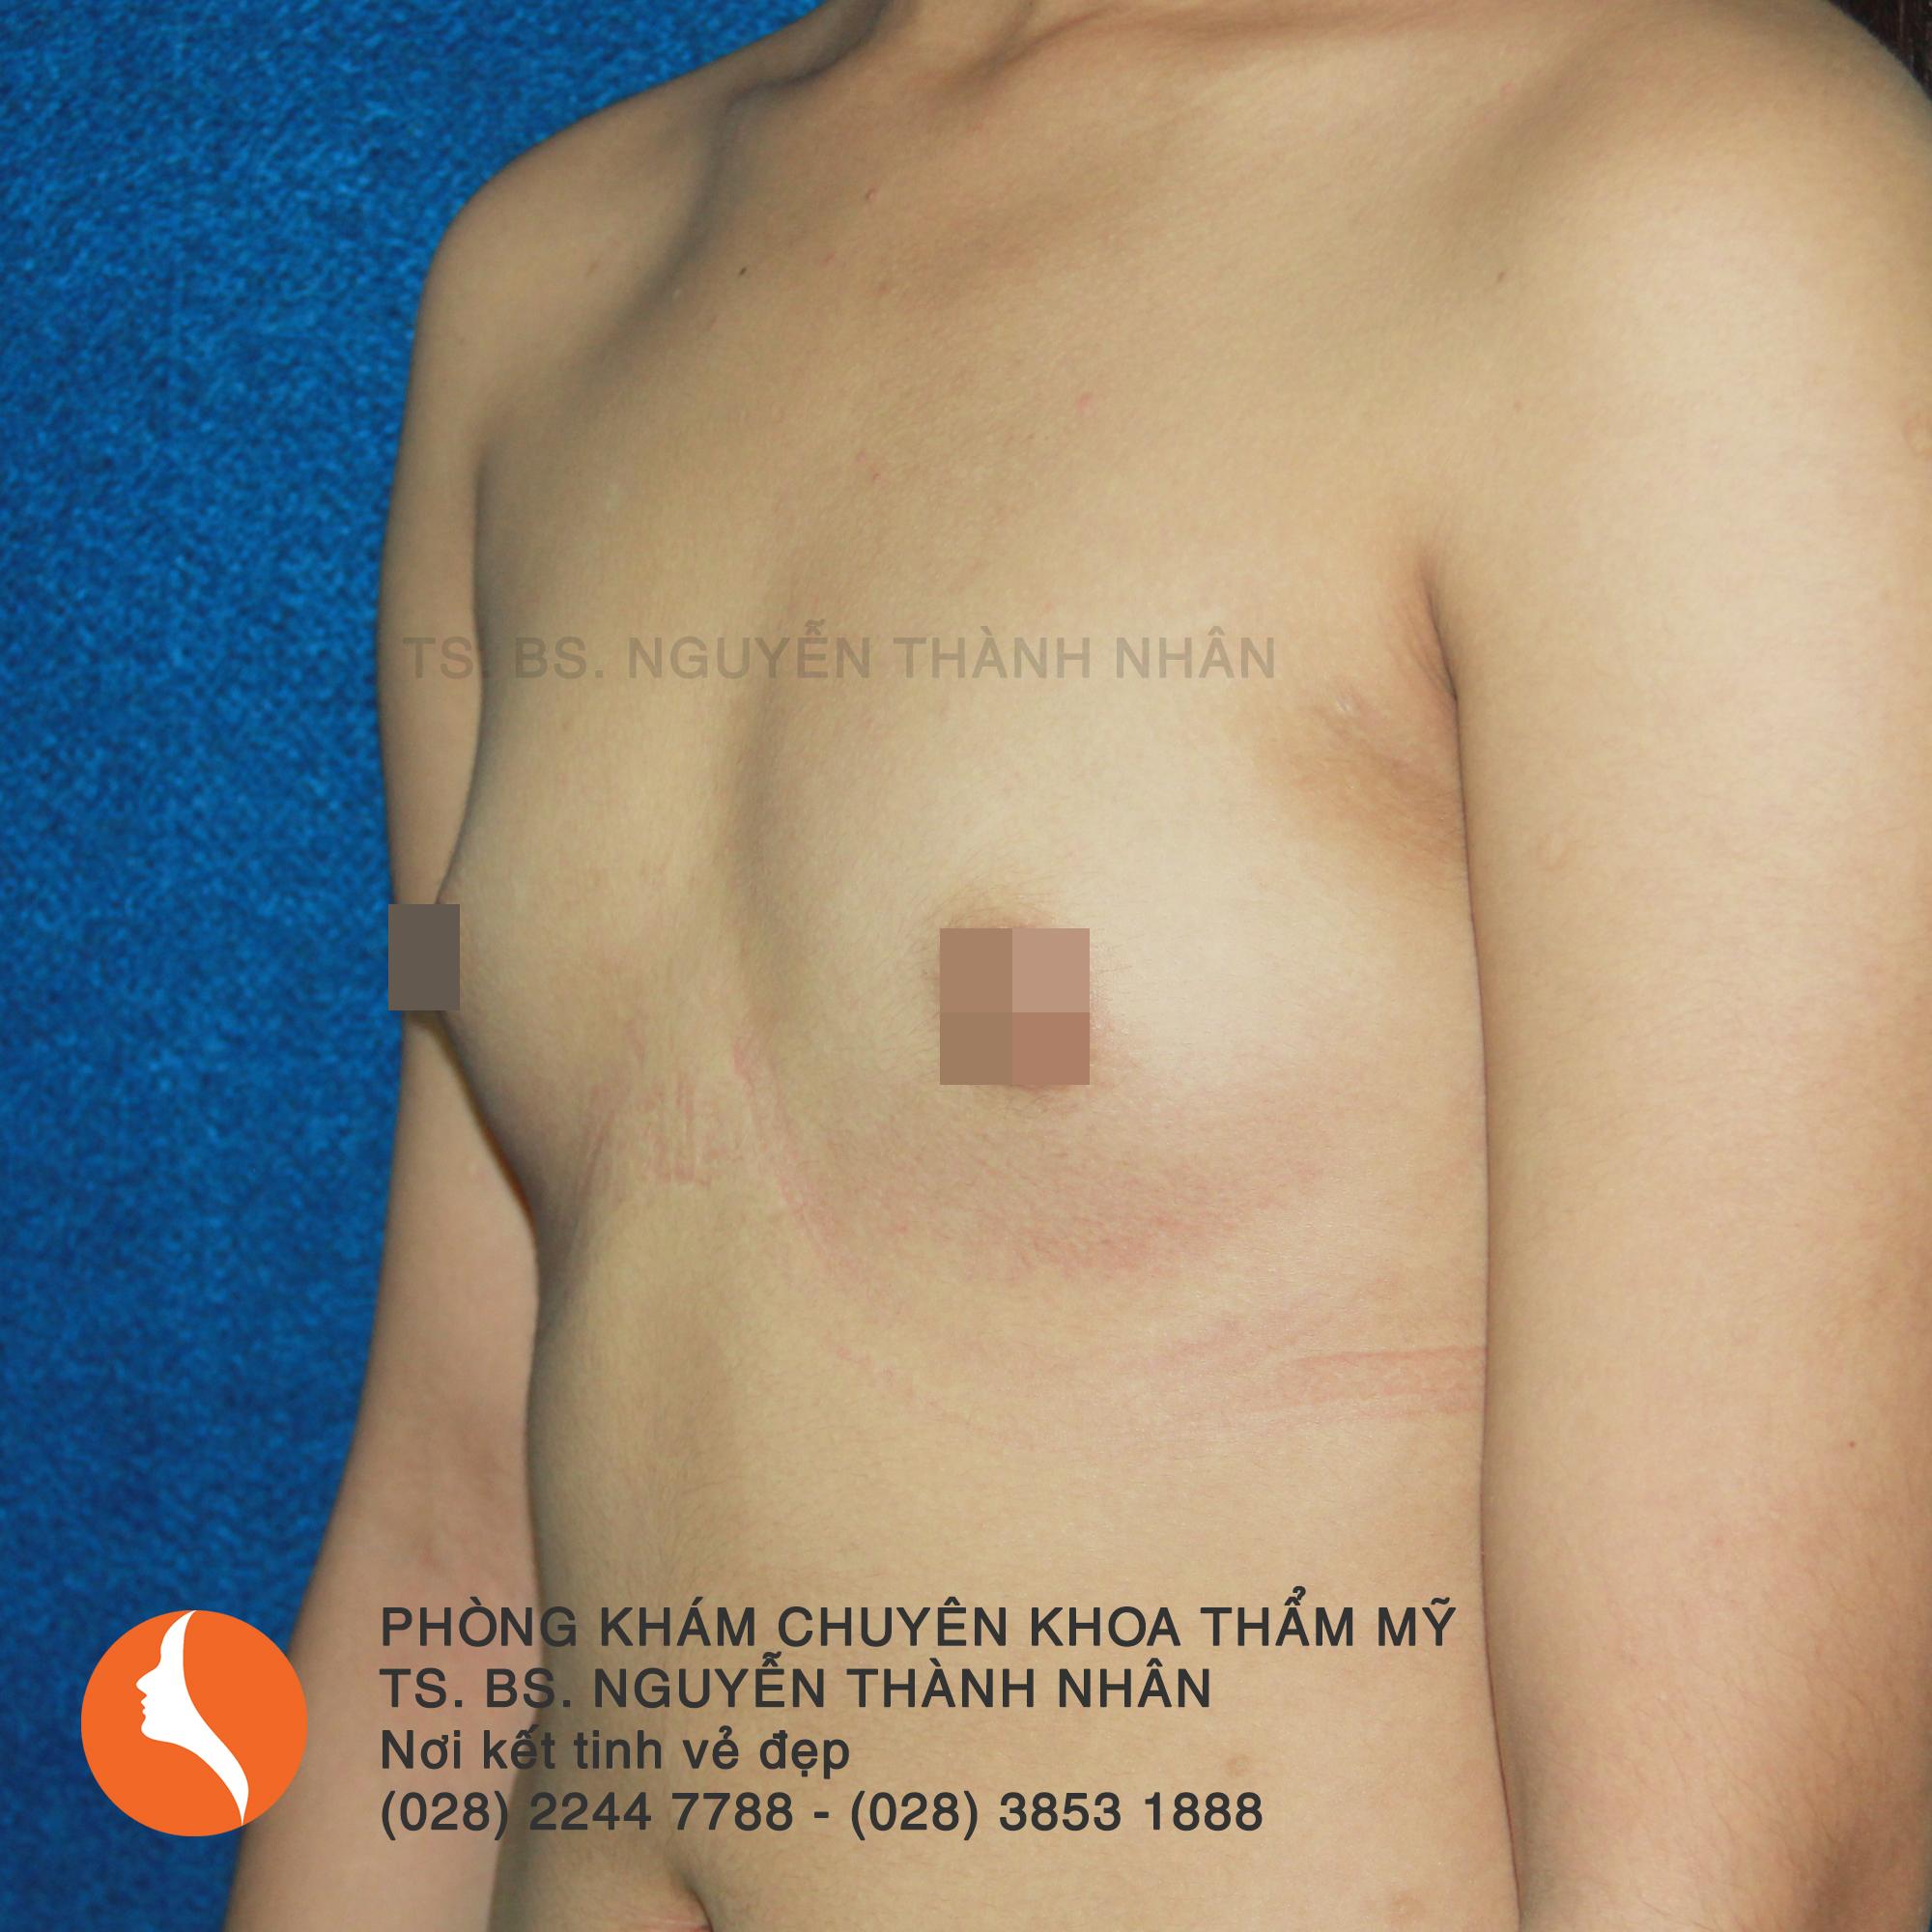 Ca 3: Trước phẫu thuật nâng ngực